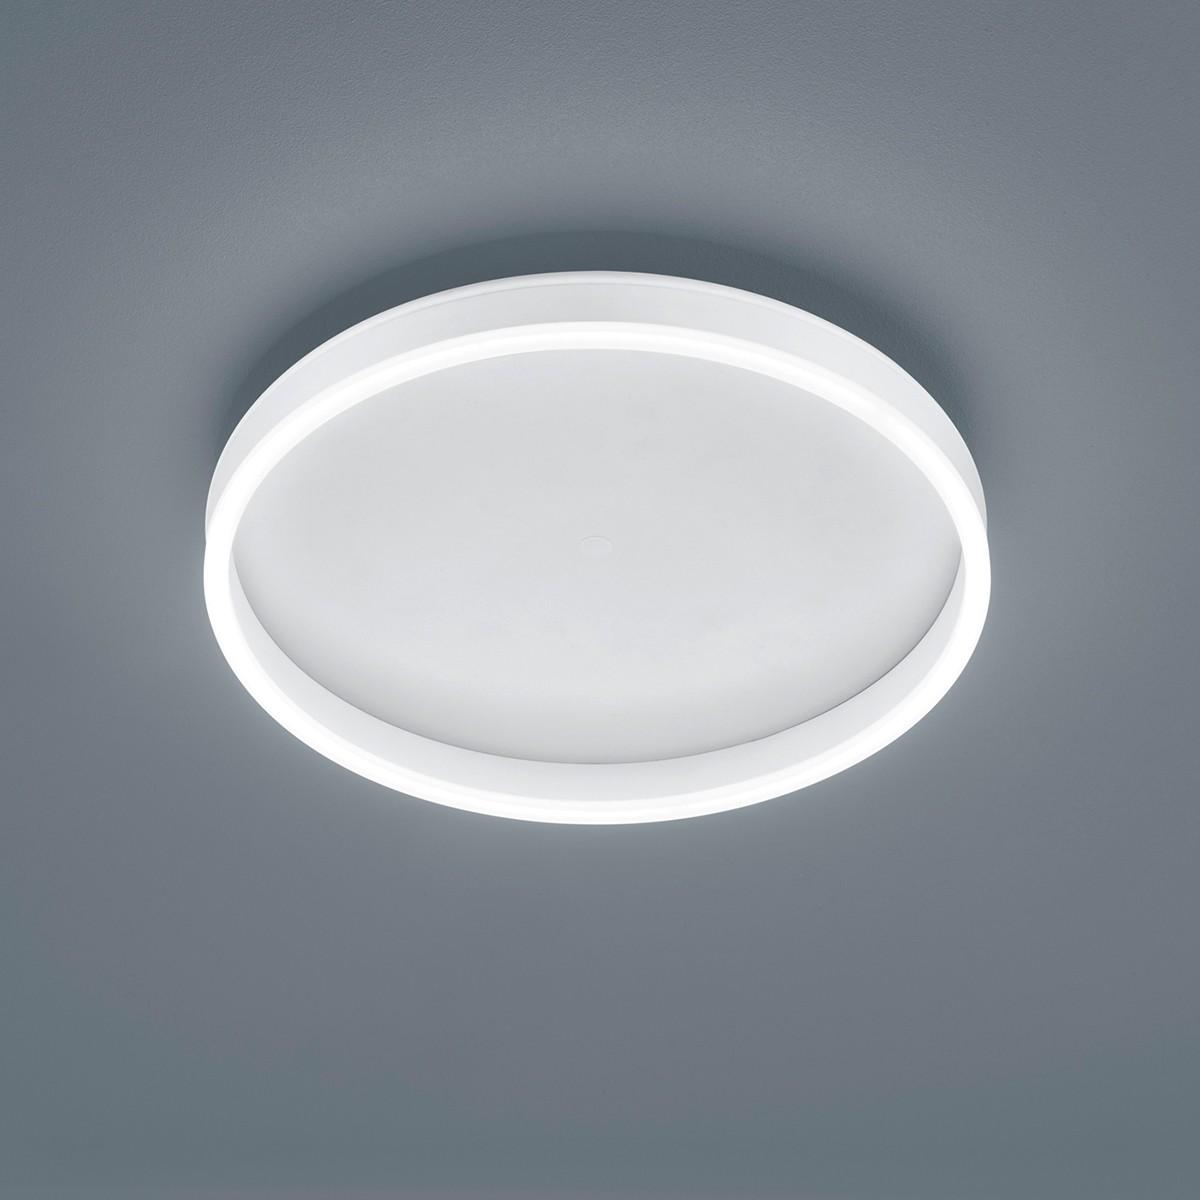 Helestra Sona Deckenleuchte, Ø: 40 cm, weiß matt